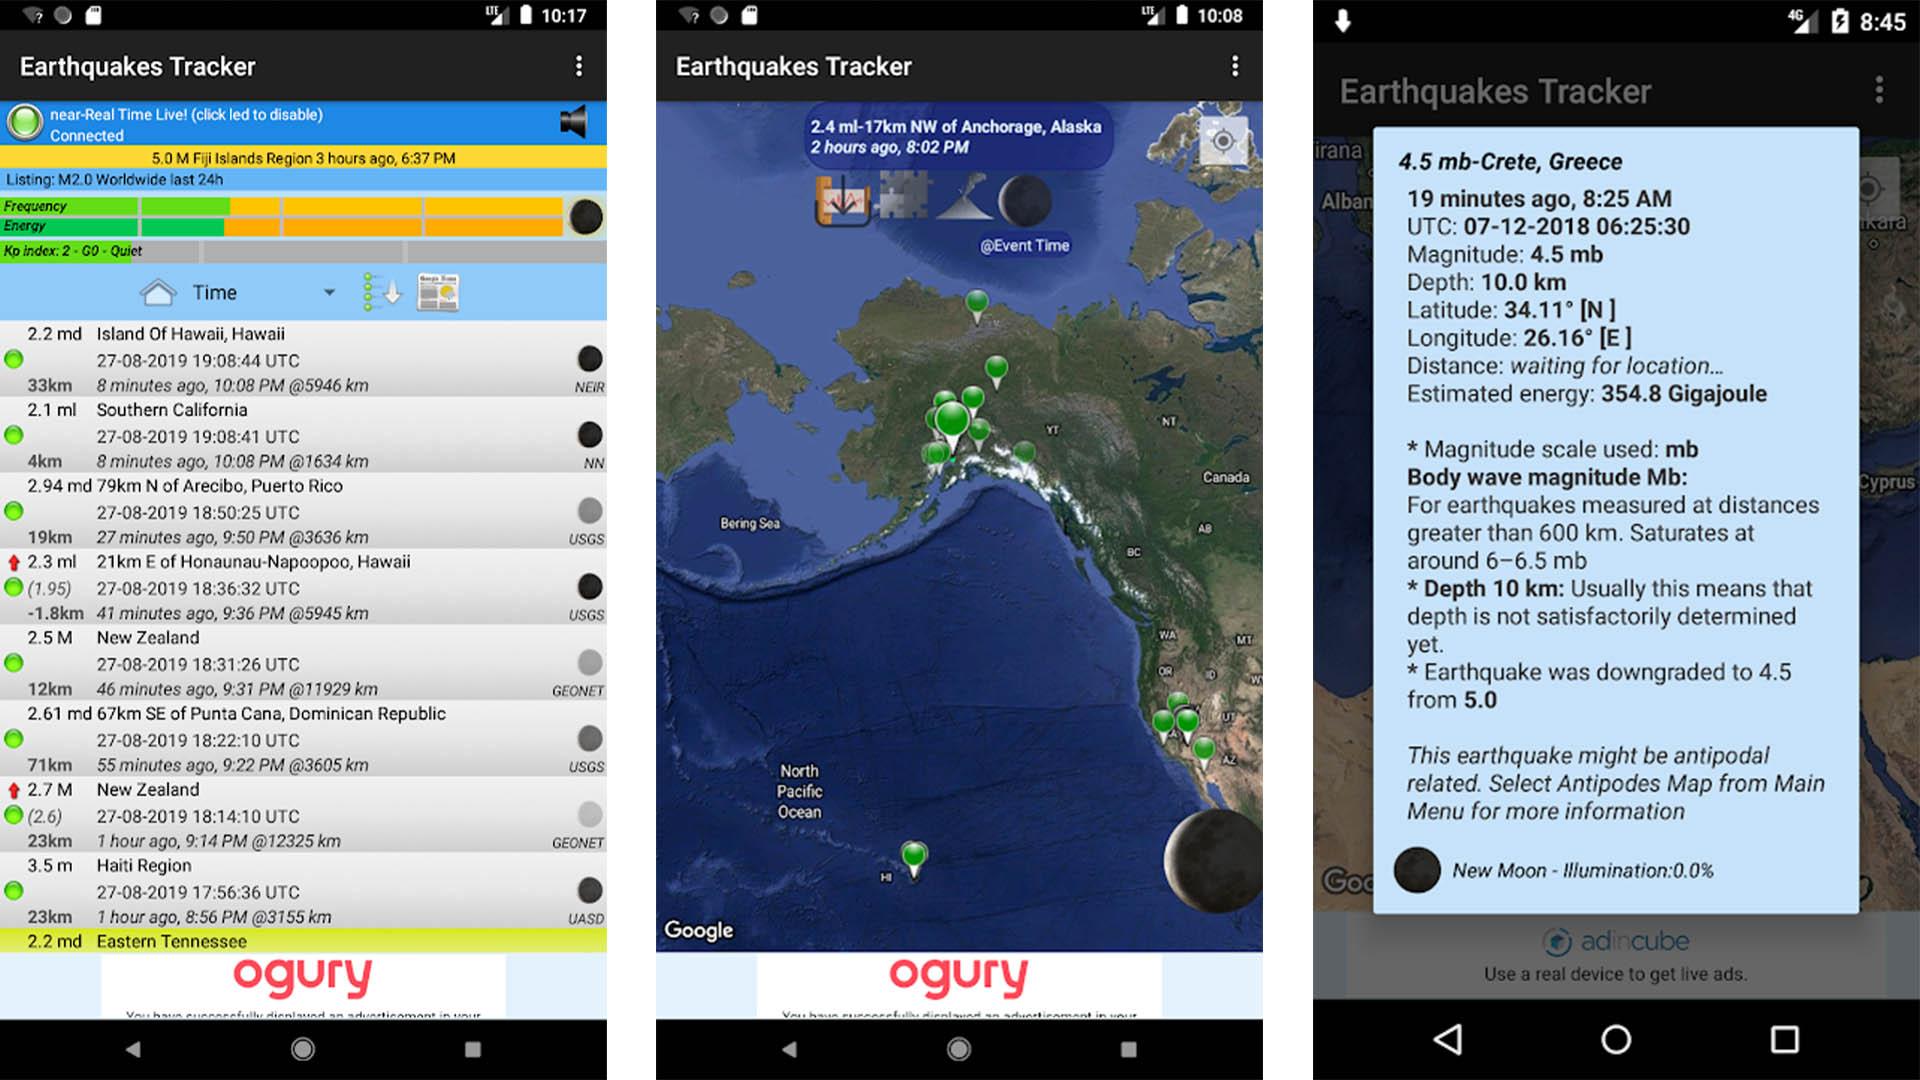 Earthquake Tracker screenshot 2020